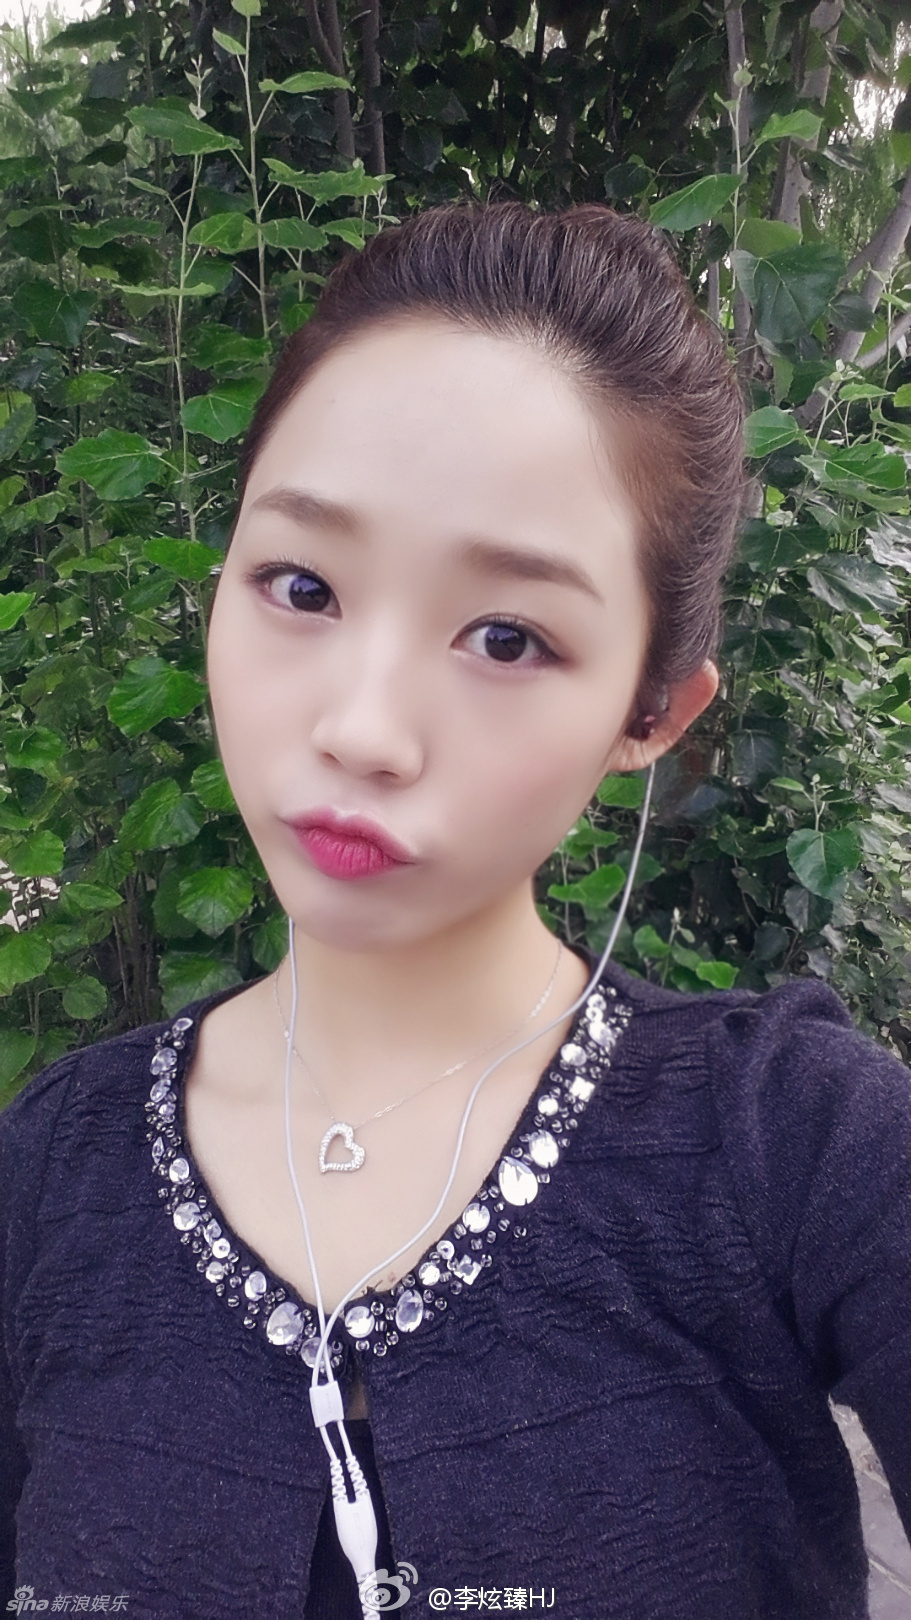 组图:雪糕妹妹李炫臻生活照曝光 笑容甜美可爱_高清